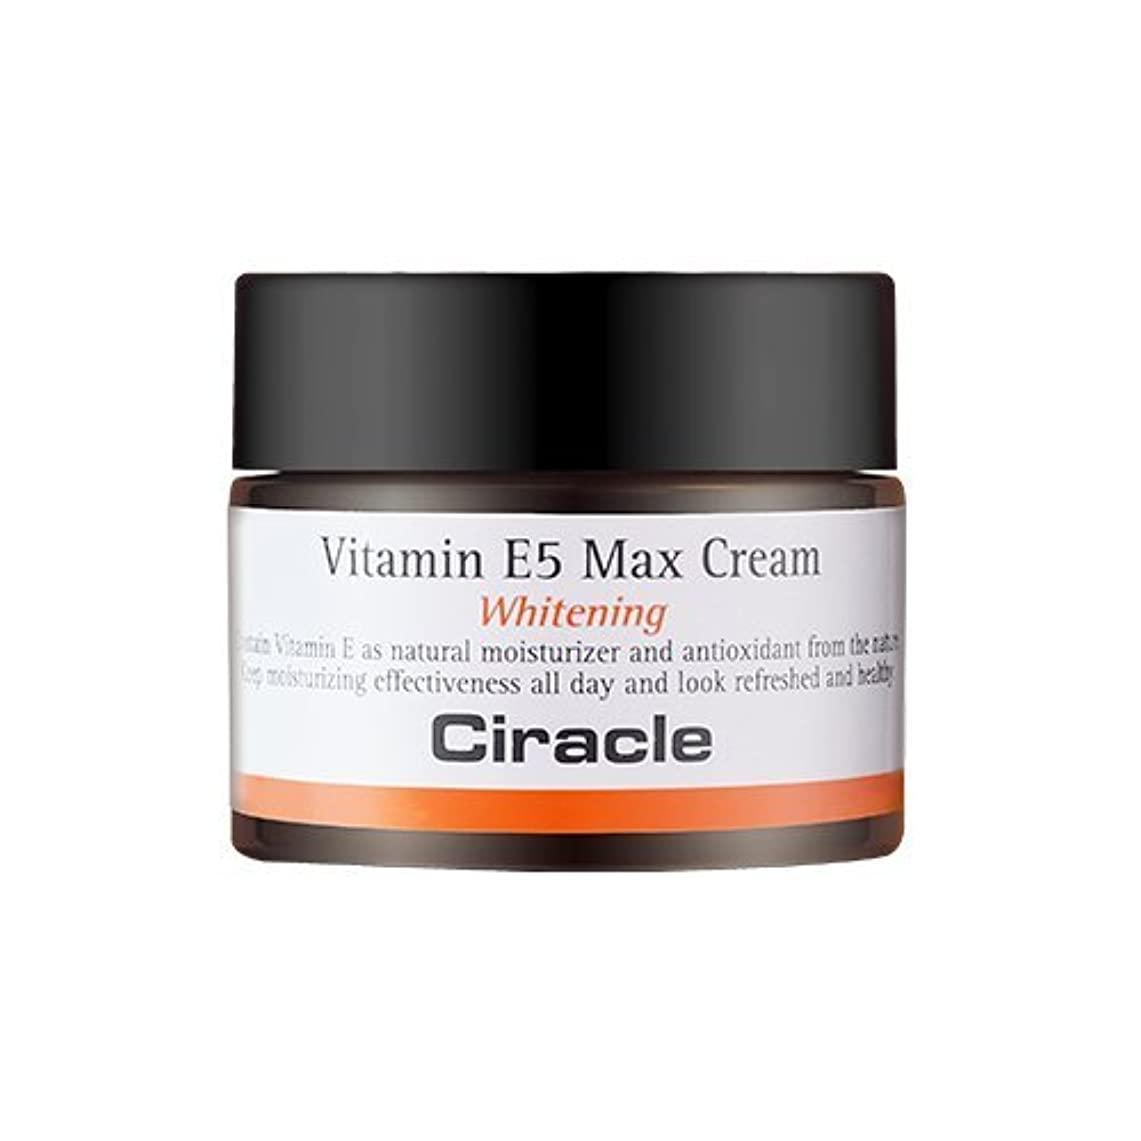 広告見せます乳白色Ciracle Vitamin E5 Max Cream シラクル ビタミンE5 マックス クリーム 50ml [並行輸入品]